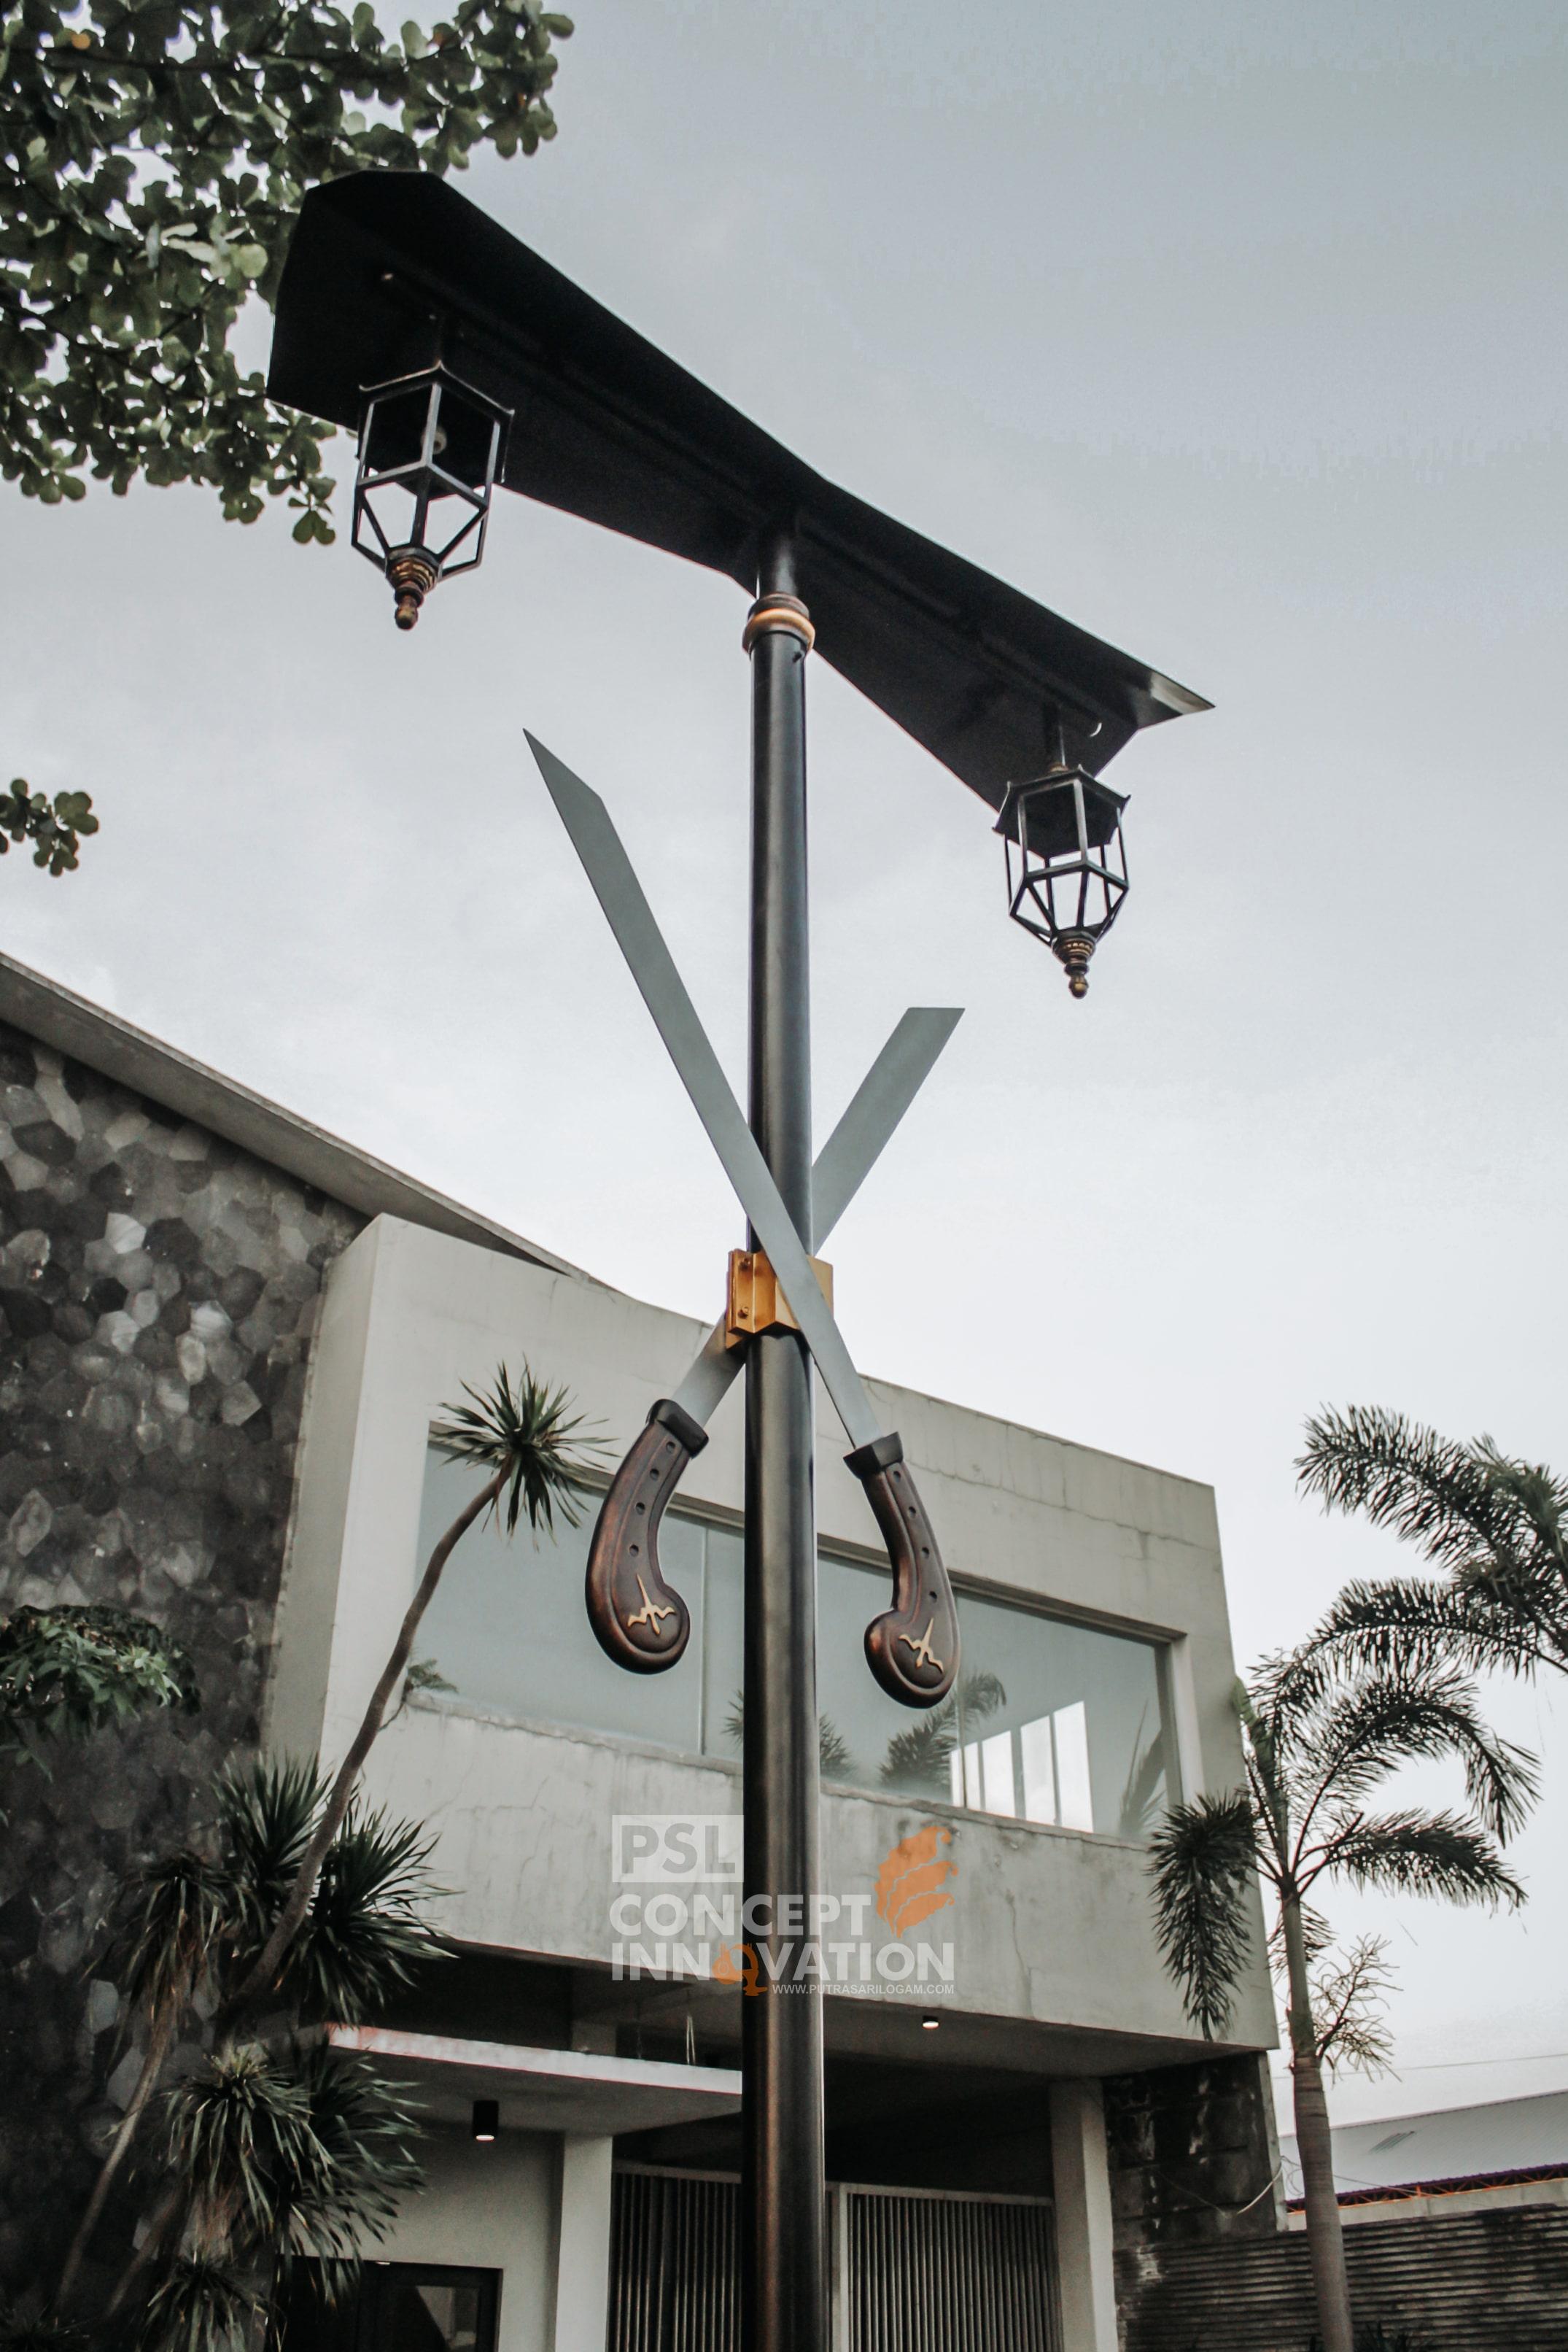 Pedestrian Maluku Utara Makin Cantik Dengan Lampu PJU Custom Salawaku